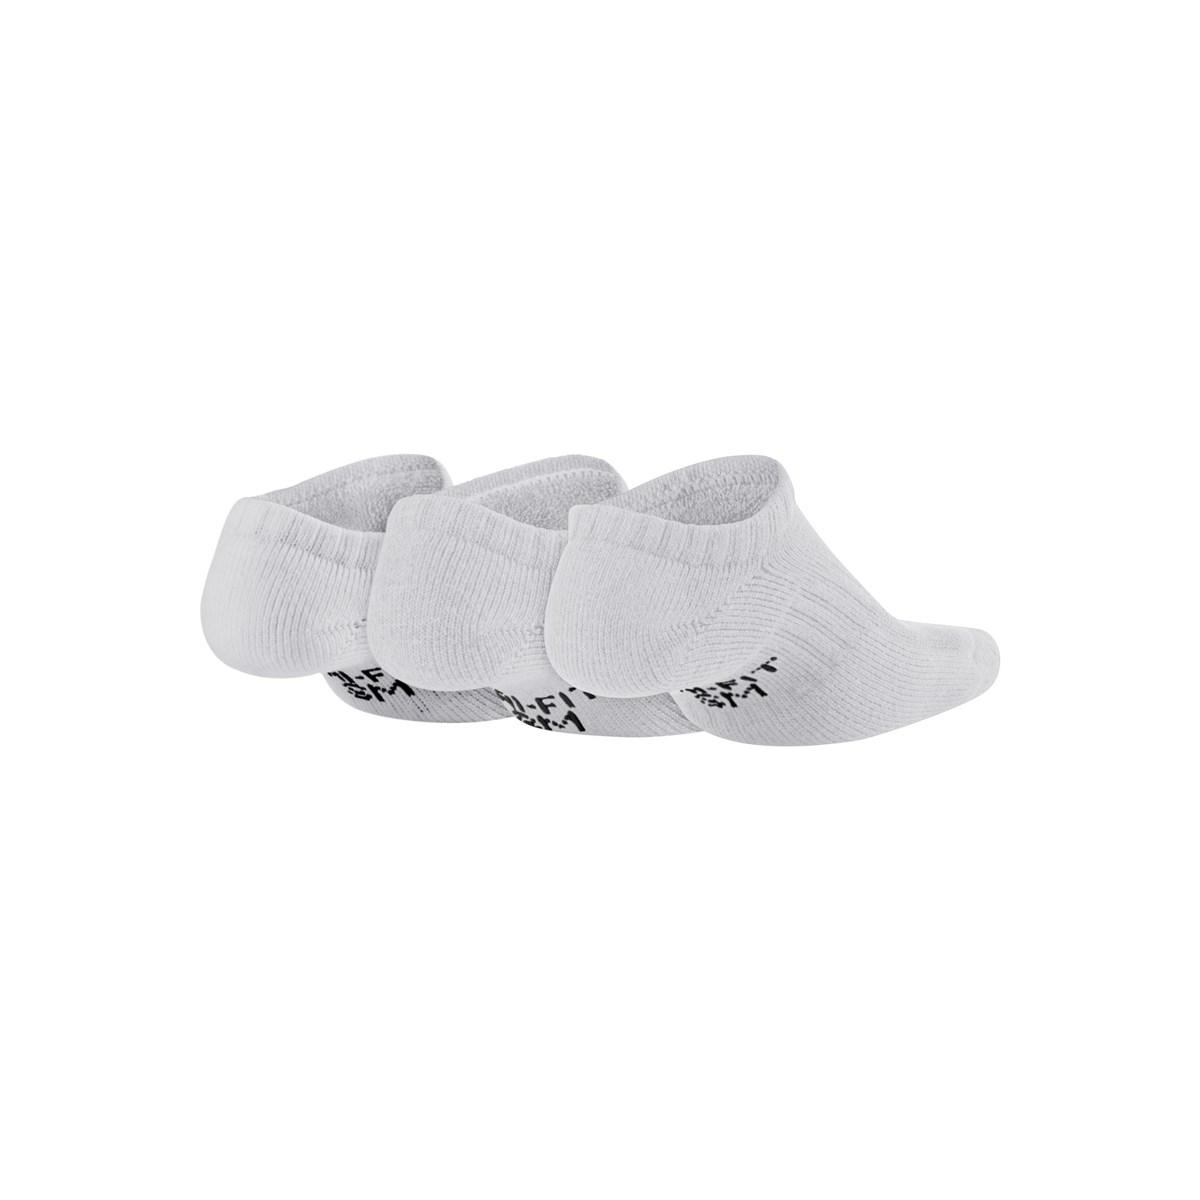 Everyday Cush 3'lü Beyaz Spor Çorap